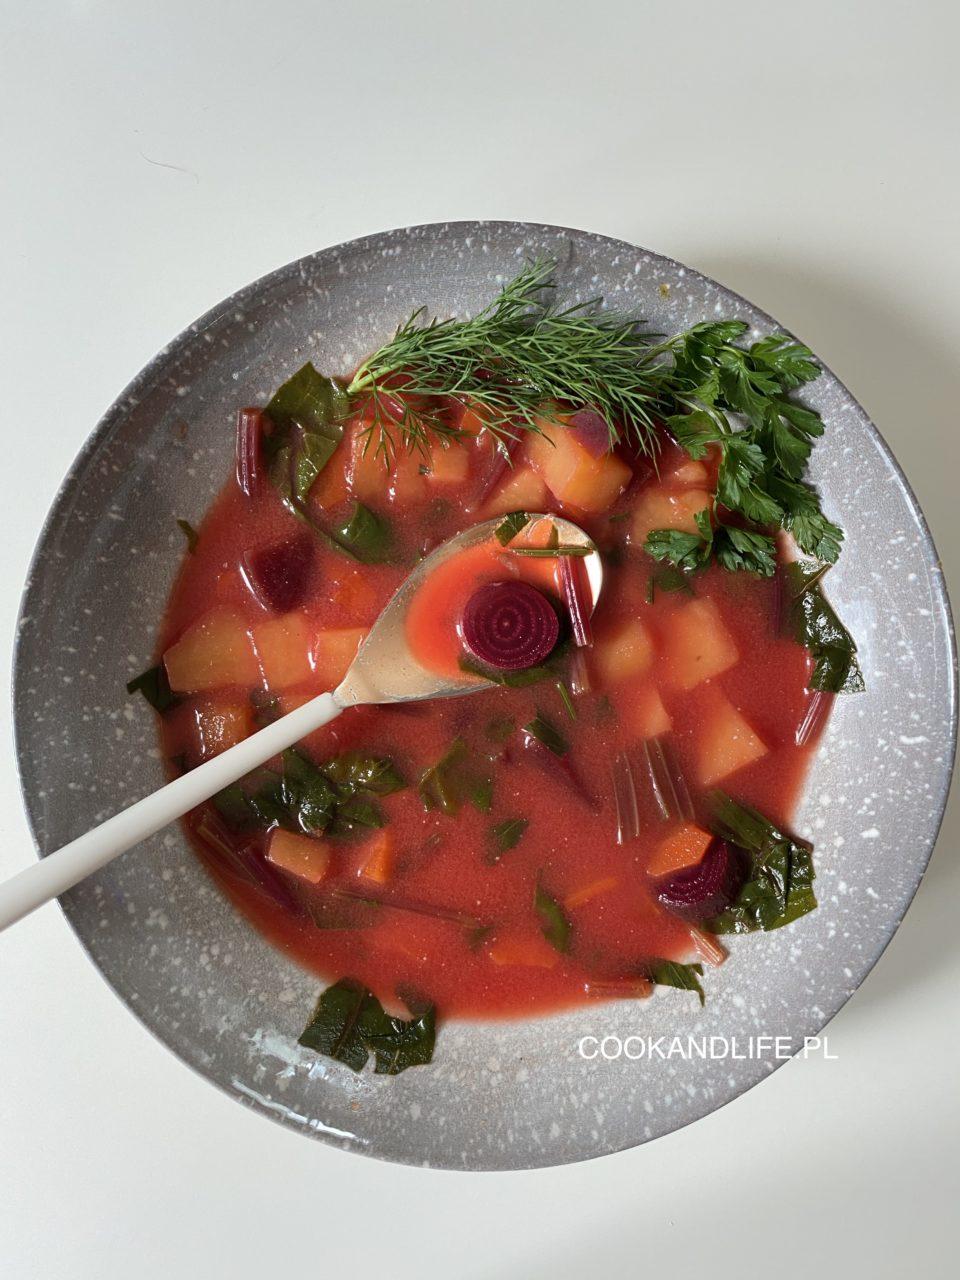 Botwinka - wiosenna zupa z młodych warzyw